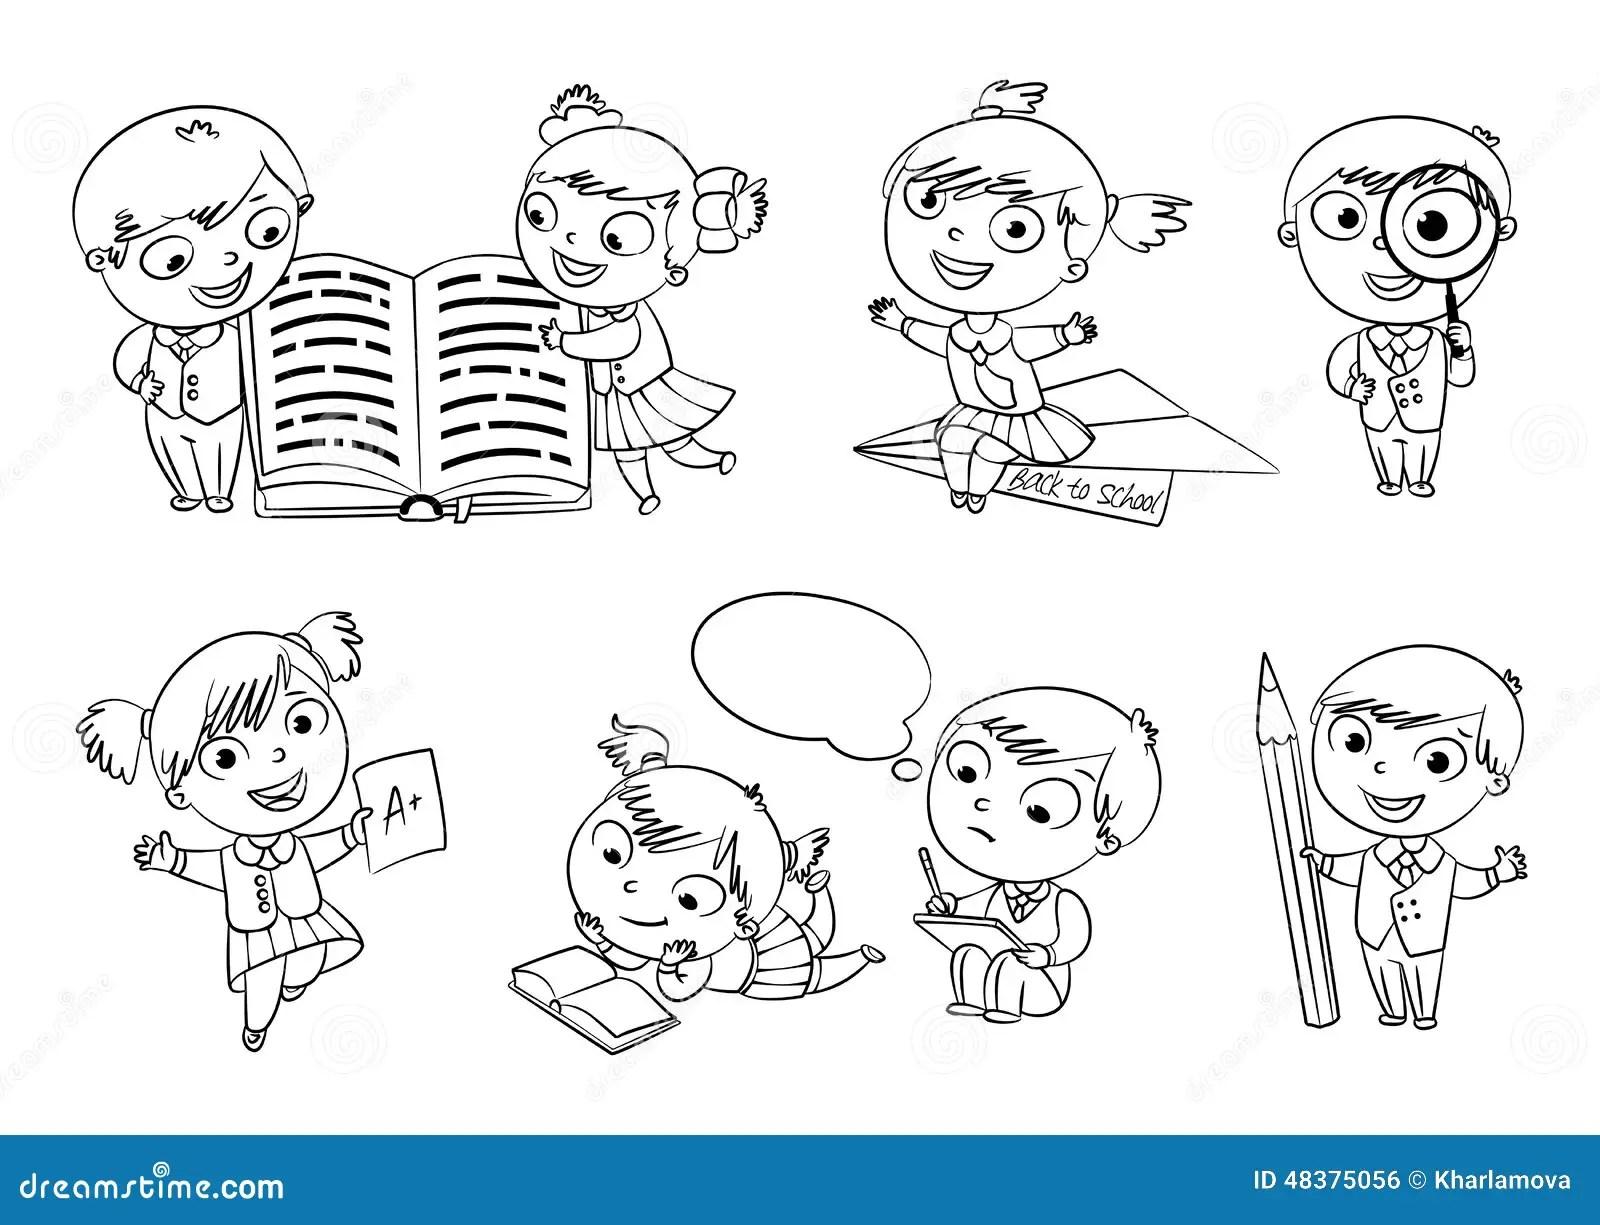 White Go Books